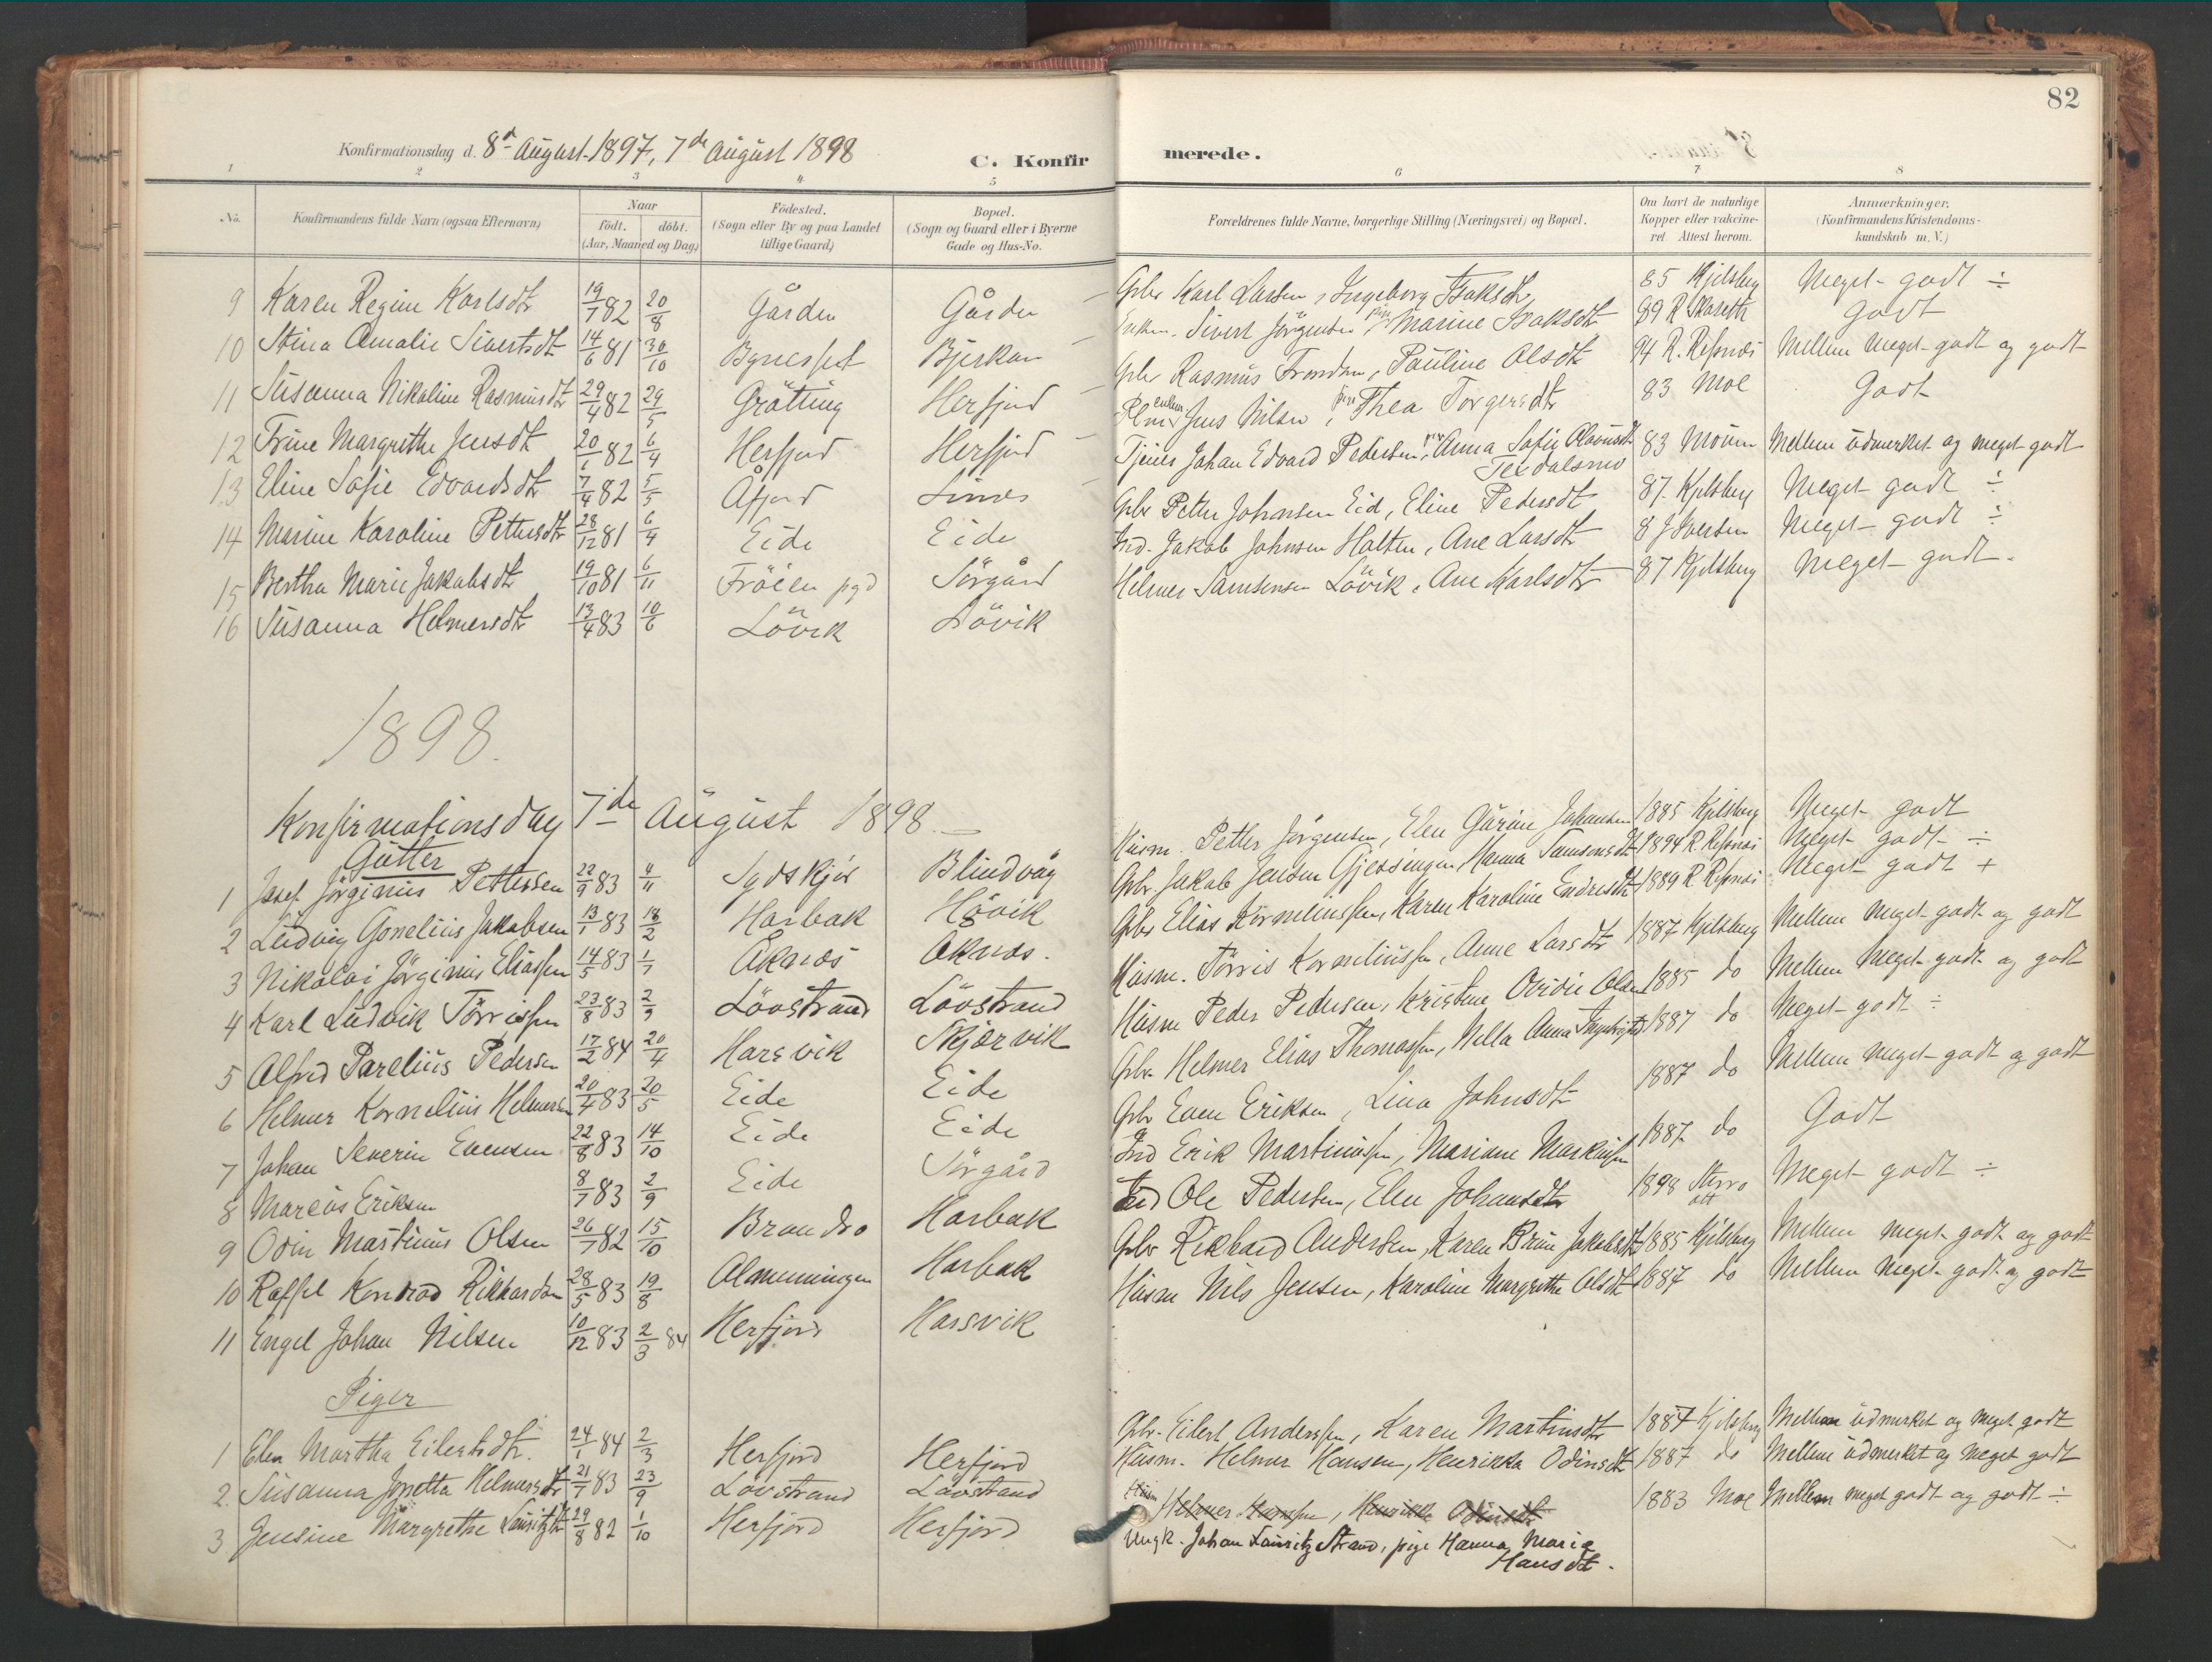 SAT, Ministerialprotokoller, klokkerbøker og fødselsregistre - Sør-Trøndelag, 656/L0693: Ministerialbok nr. 656A02, 1894-1913, s. 82